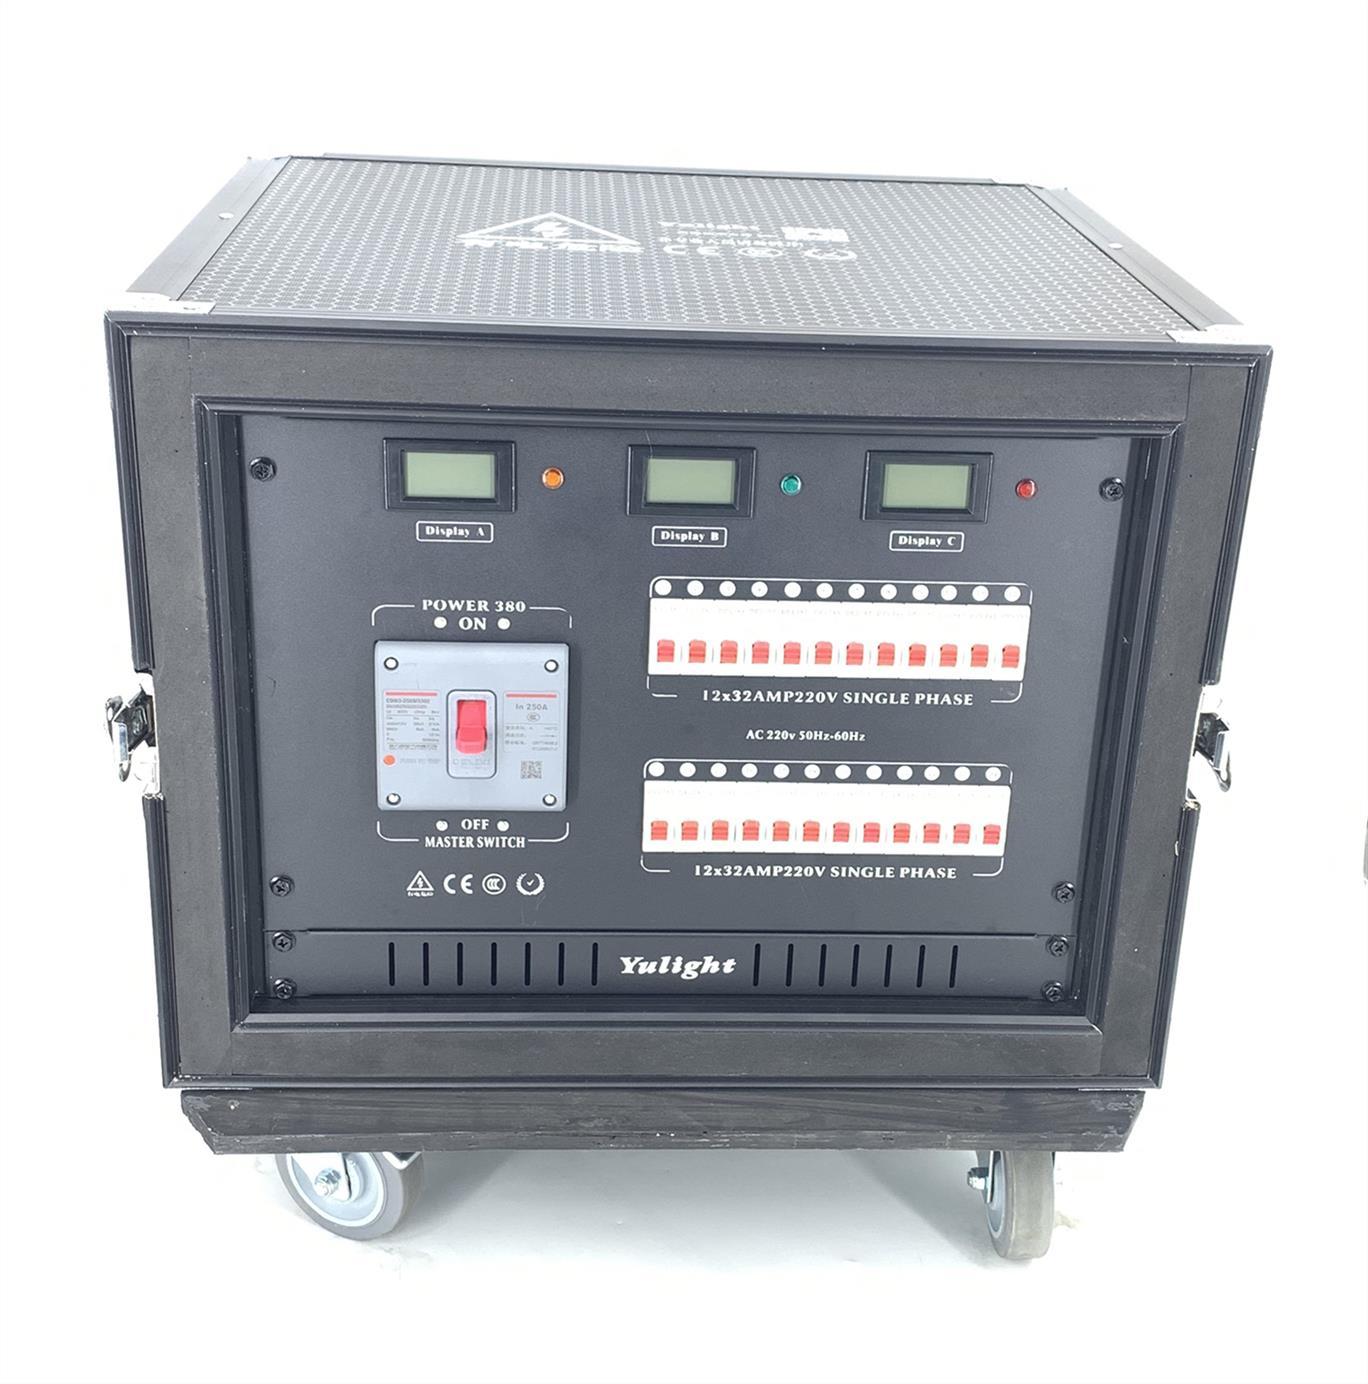 蚌埠舞台灯光12路电源直通箱 12路电源箱 制造工艺优